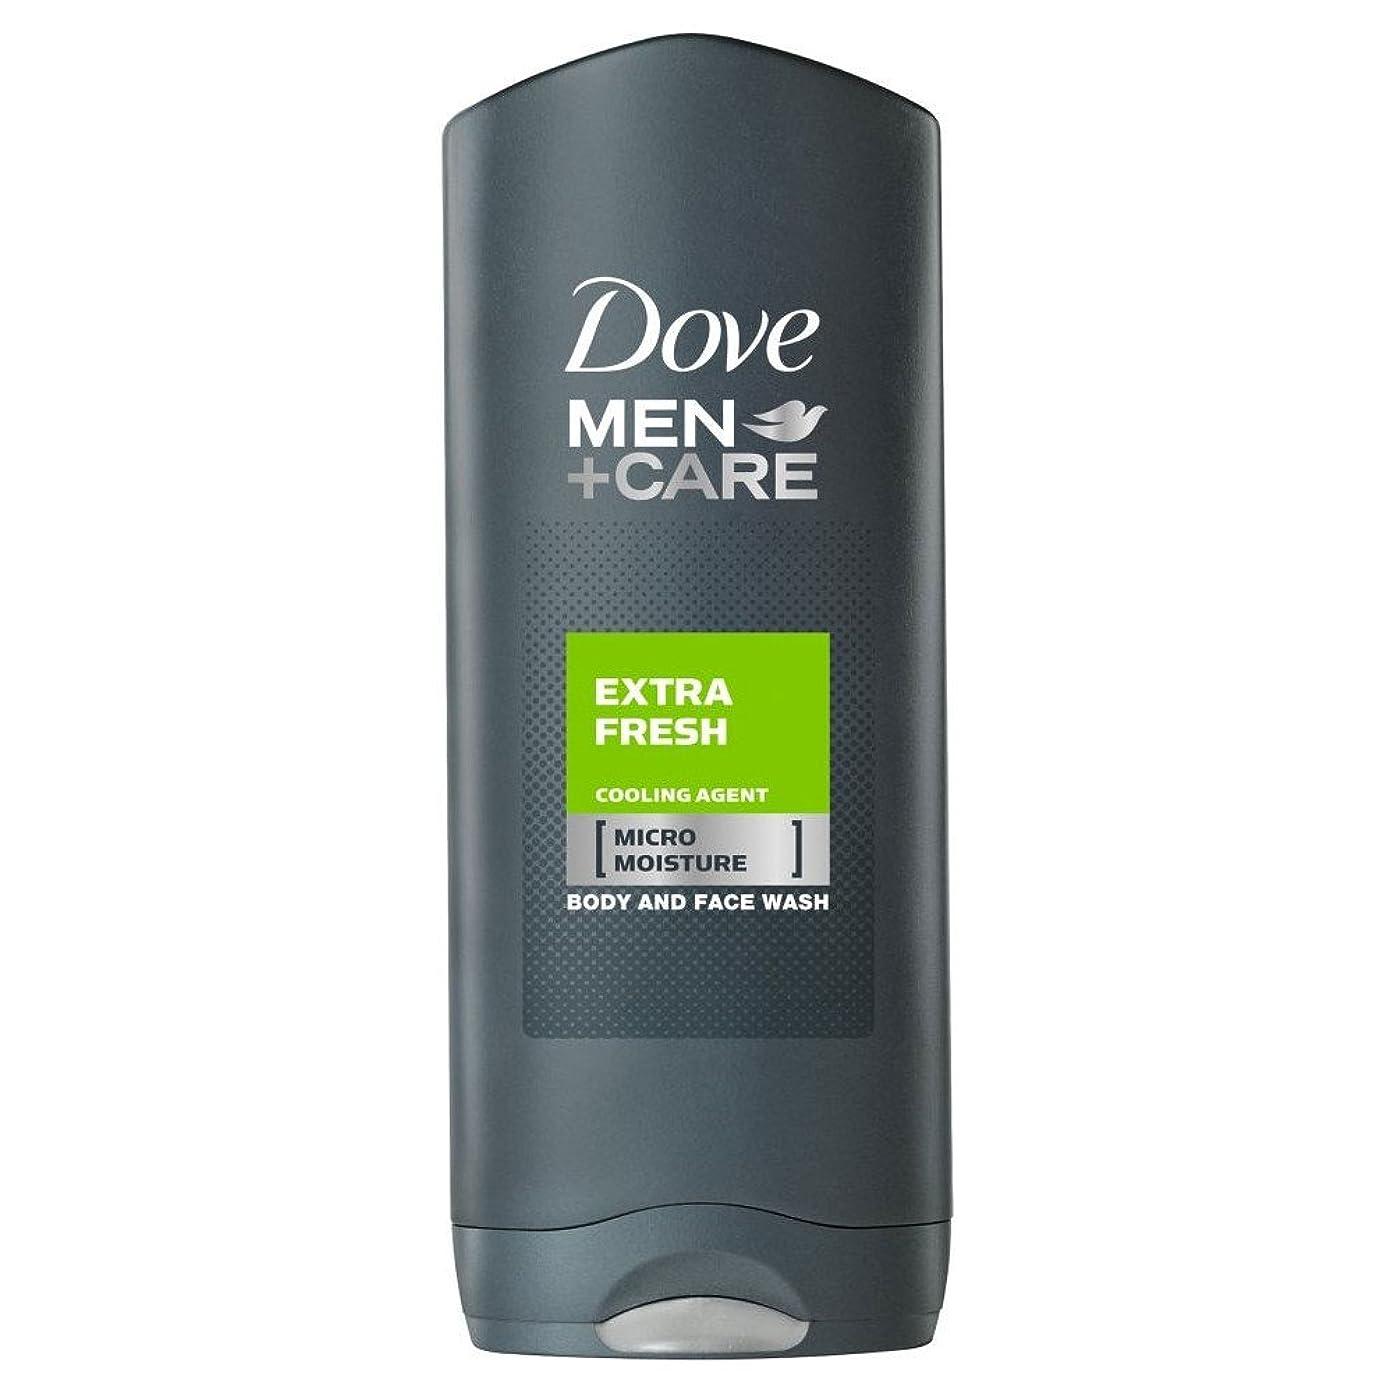 標高結婚式バナナDove Men + Care Extra Fresh Cooling Agent Body & Face Wash (400ml) 鳩の男性+ケア余分な新鮮な冷却剤本体とフェイスウォッシュ( 400ミリリットル) [並行輸入品]